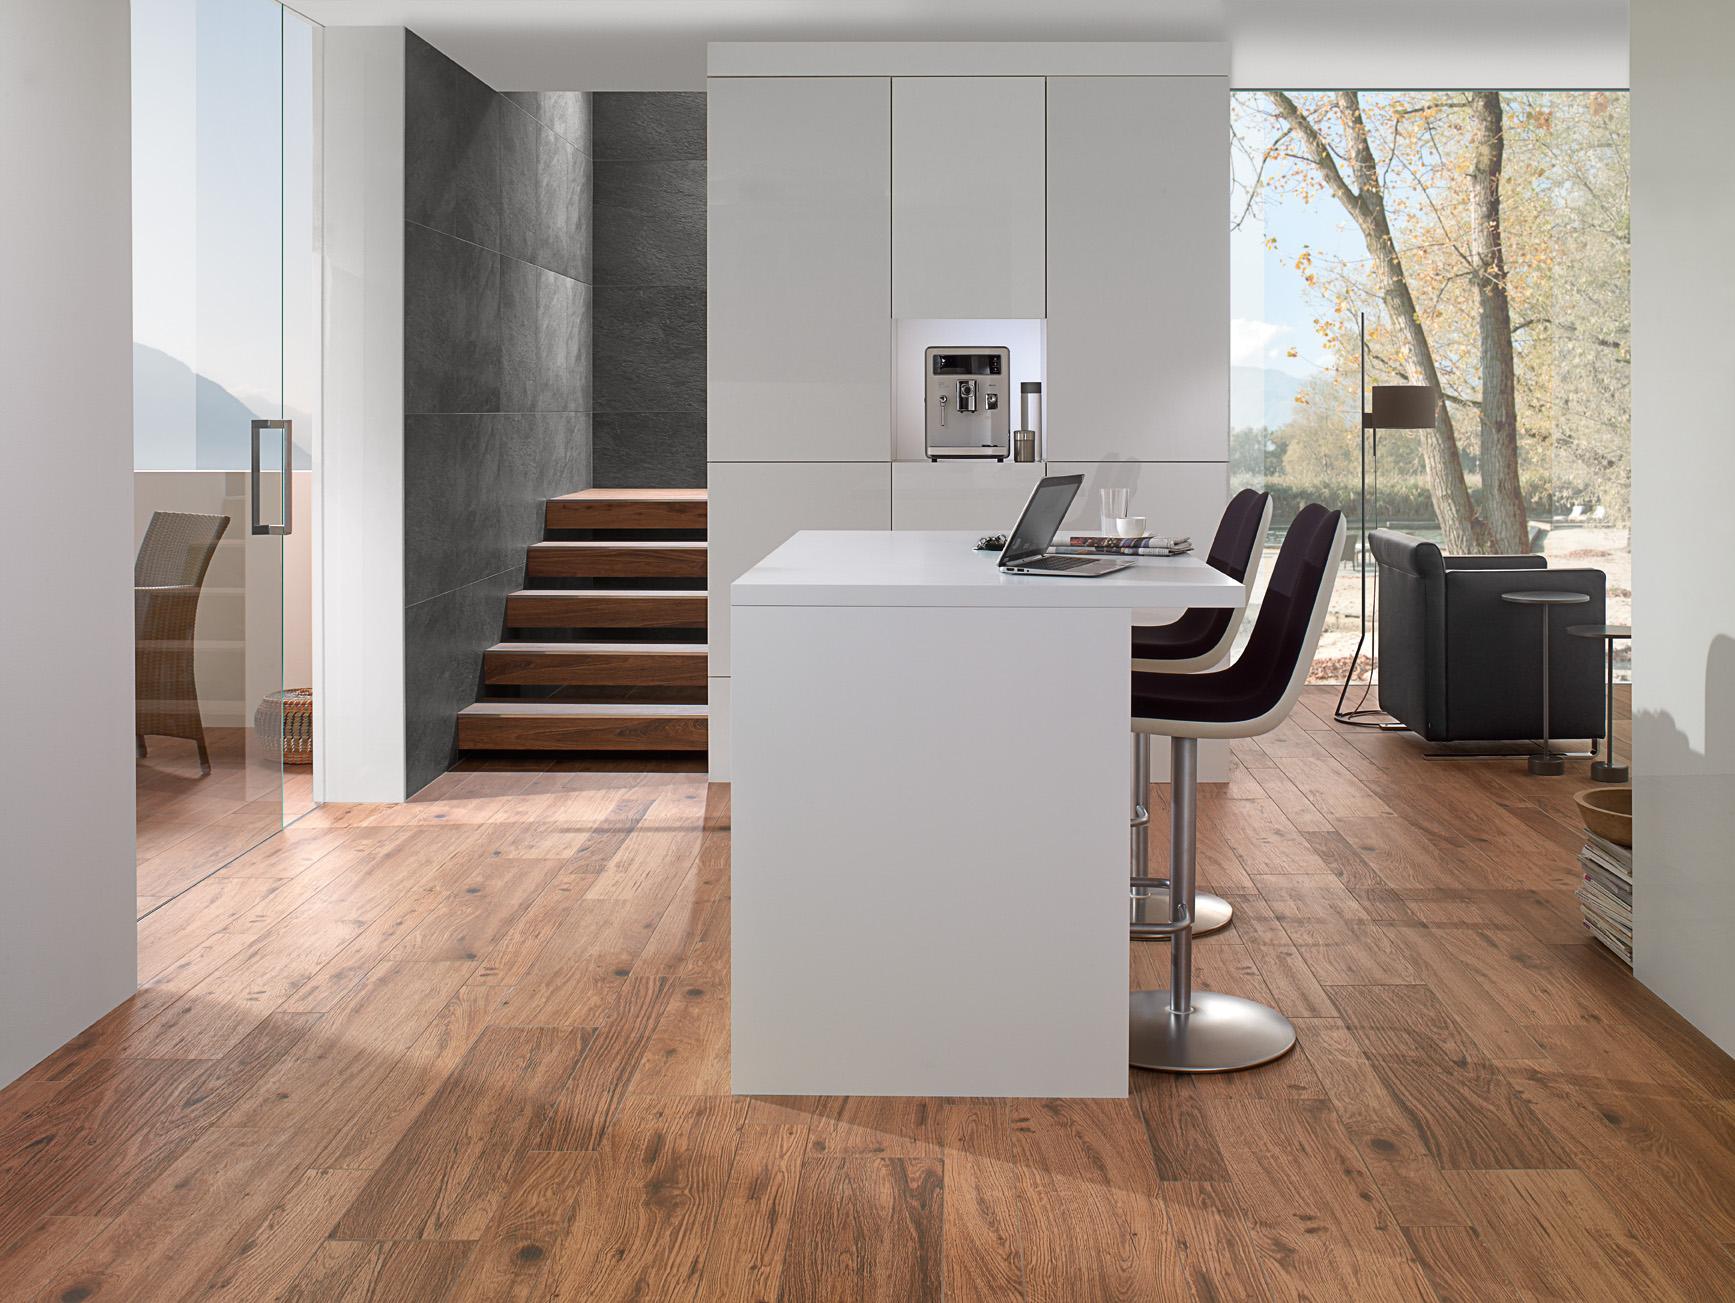 Wohnbereich | Lachnitt Bau + Keramik, Wohnzimmer Dekoo